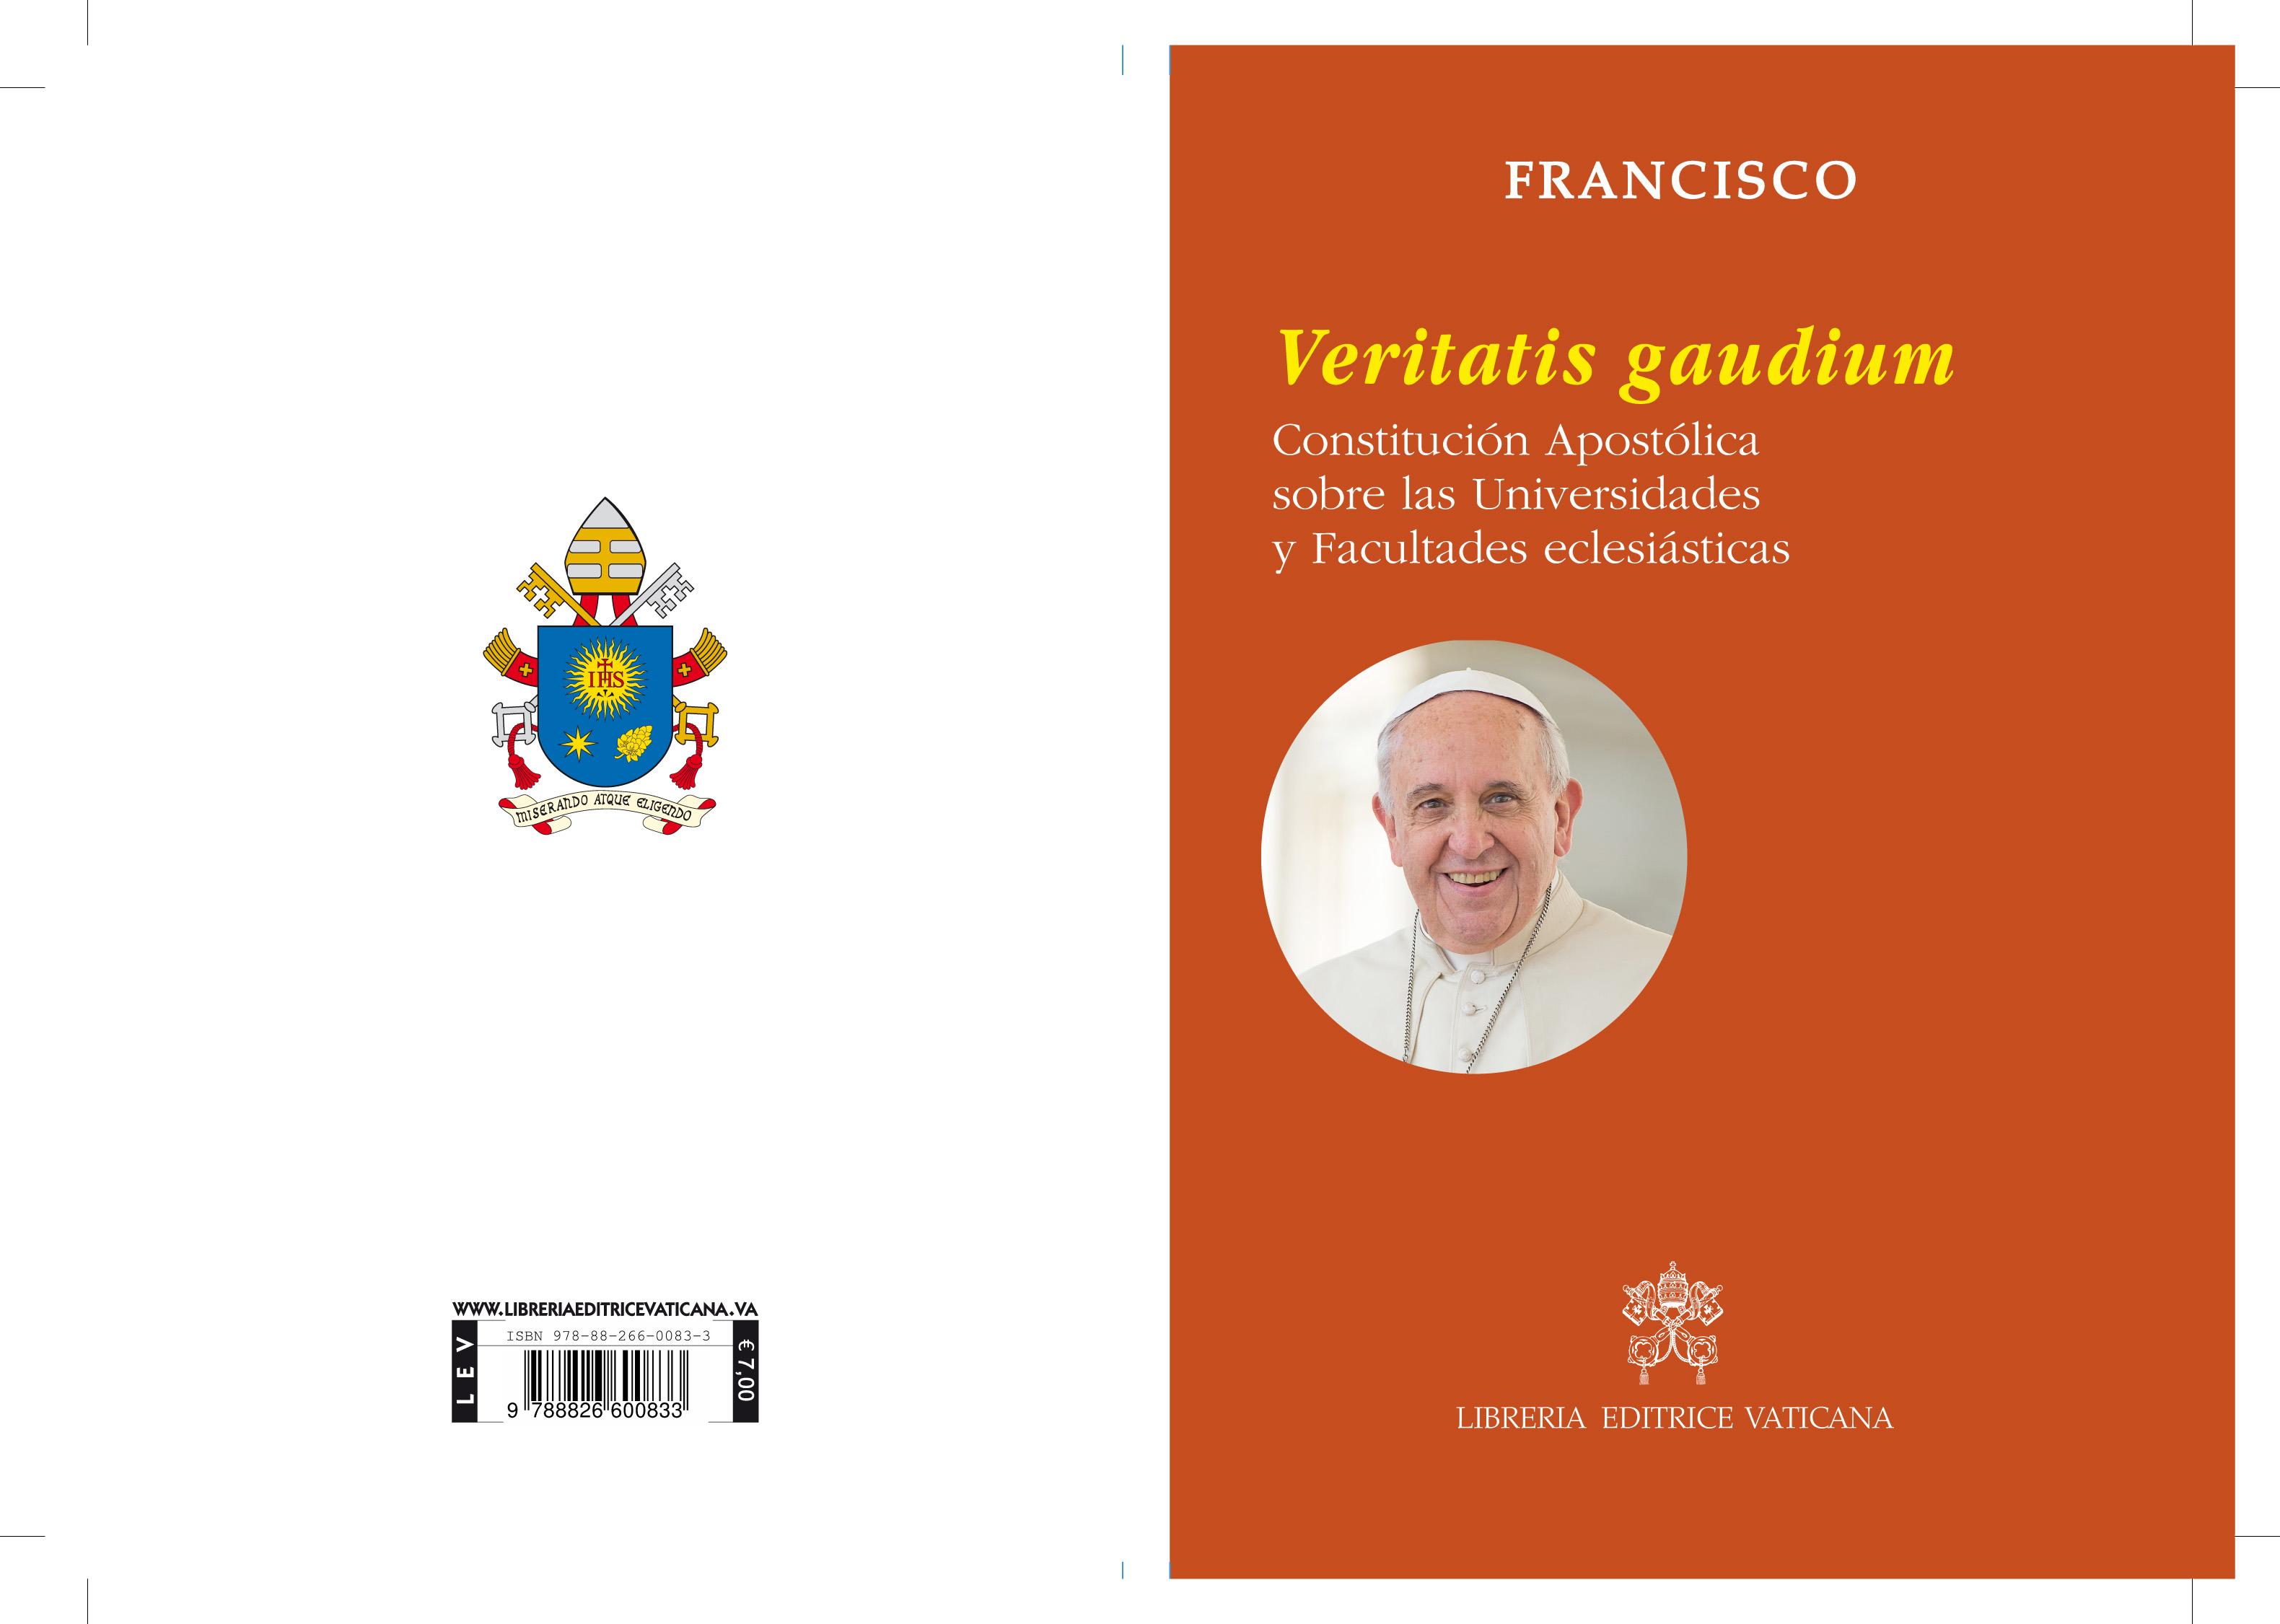 Portada de la Constitución apostólica © Vatican Media